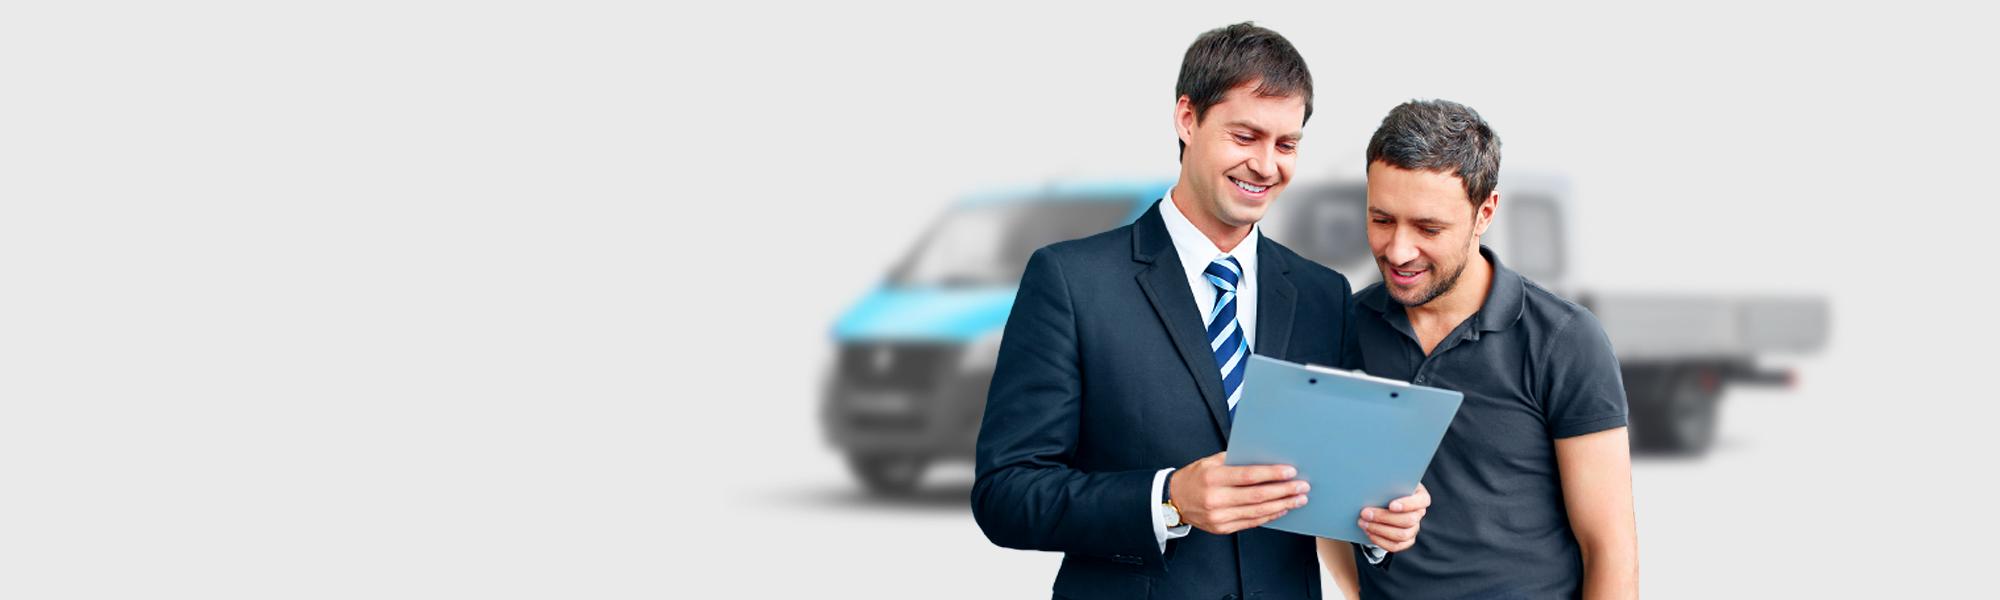 Программы лизинга, разработанные ГАЗ совместно с ведущими банками